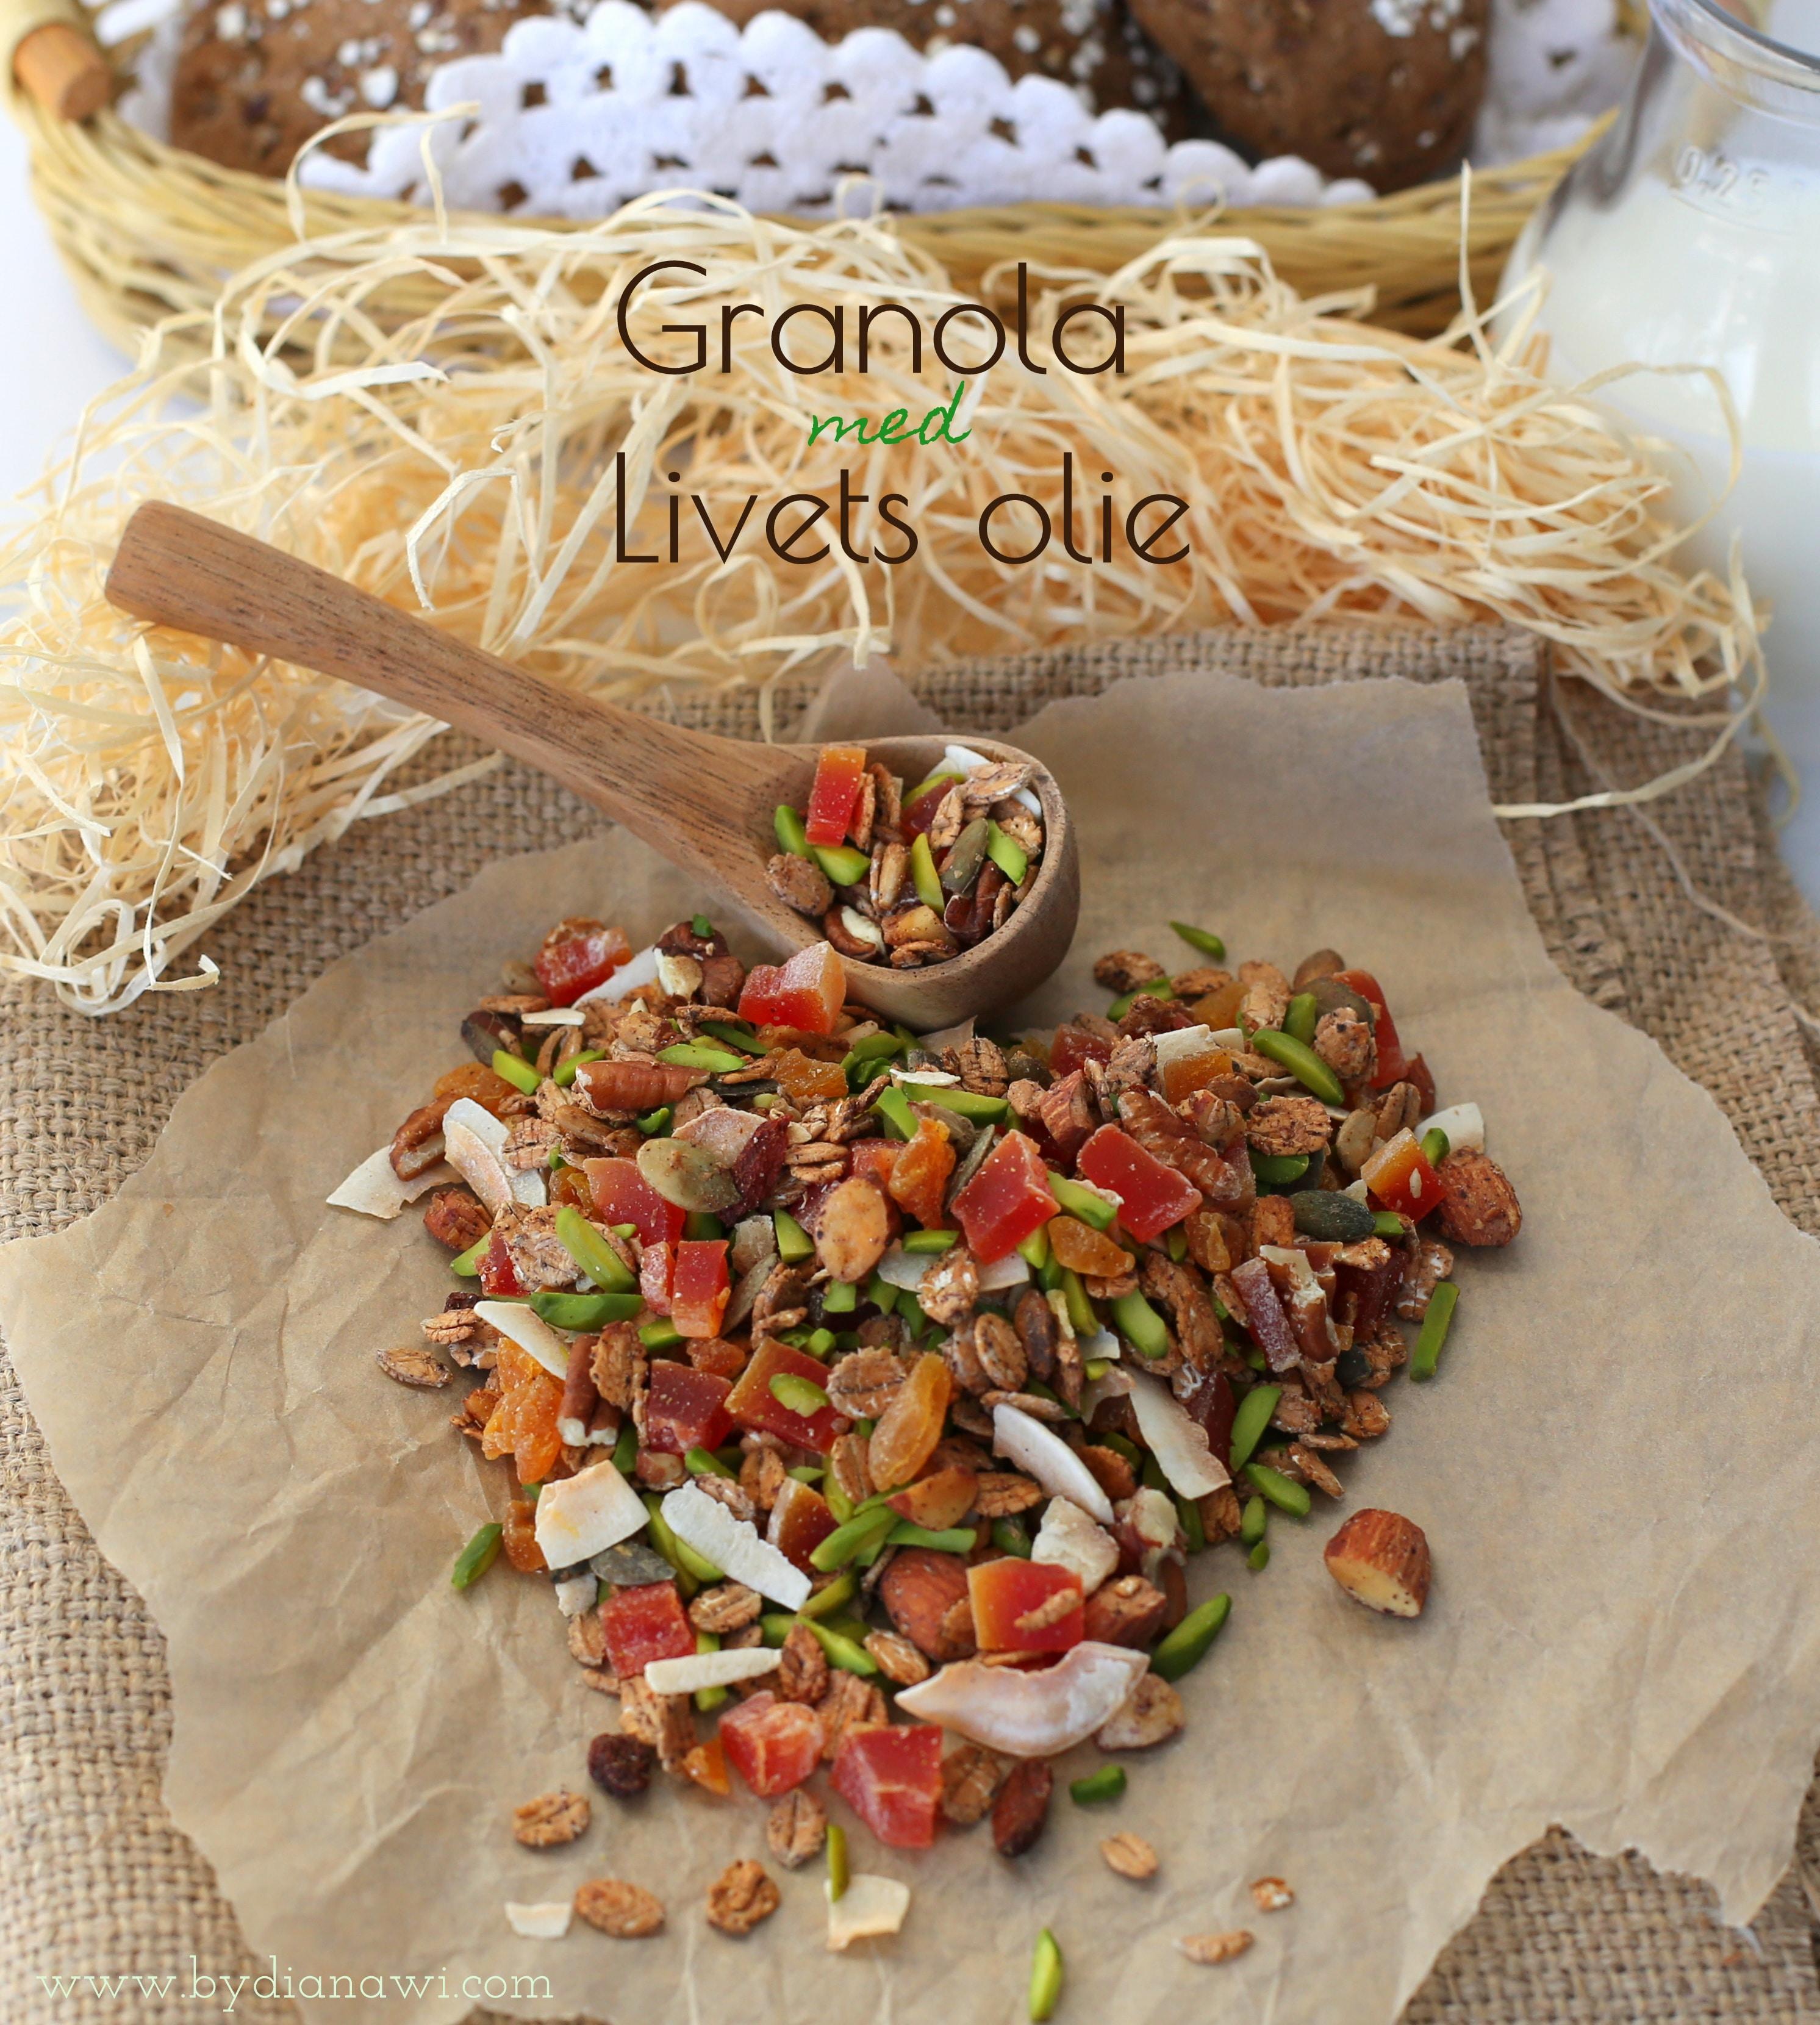 hjemmelavet granola opskrift, livets olie, oil of life